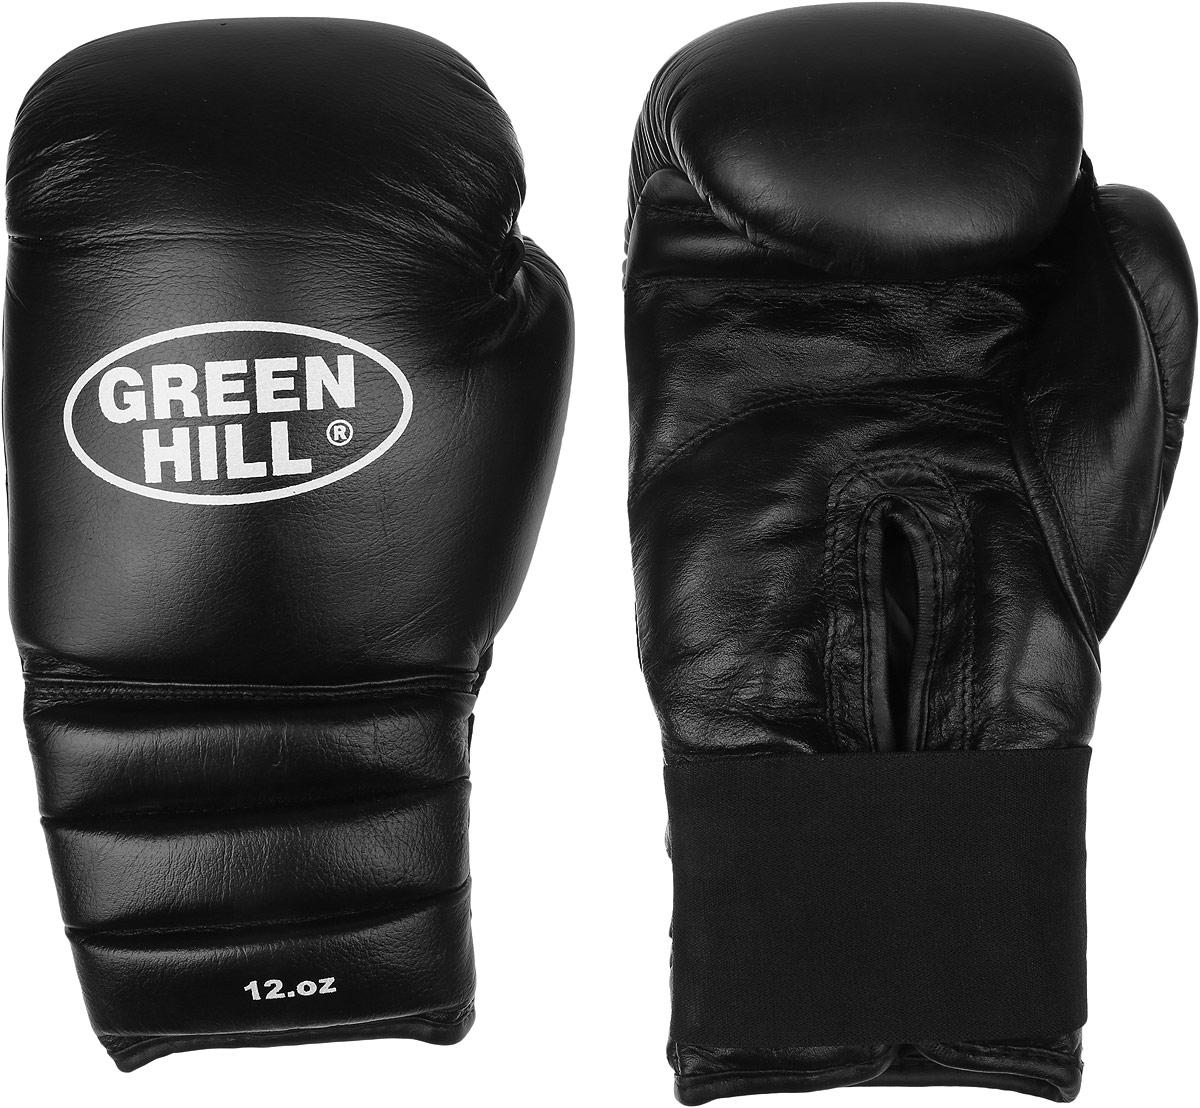 Перчатки боксерские Green Hill Pro Star, цвет: черный, белый. Вес 12 унций. BGPS-2012AIRWHEEL Q3-340WH-BLACKТренировочные боксерские перчатки Green Hill Pro Star отлично подойдут для спаррингов. Верх выполнен из натуральной кожи, наполнитель - из вспененного полимера. Отверстие в области ладони позволяет создать максимально комфортный терморежим во время занятий. Удлиненный сегментированный манжет способствует быстрому и удобному надеванию перчаток, плотно фиксирует их на руке.